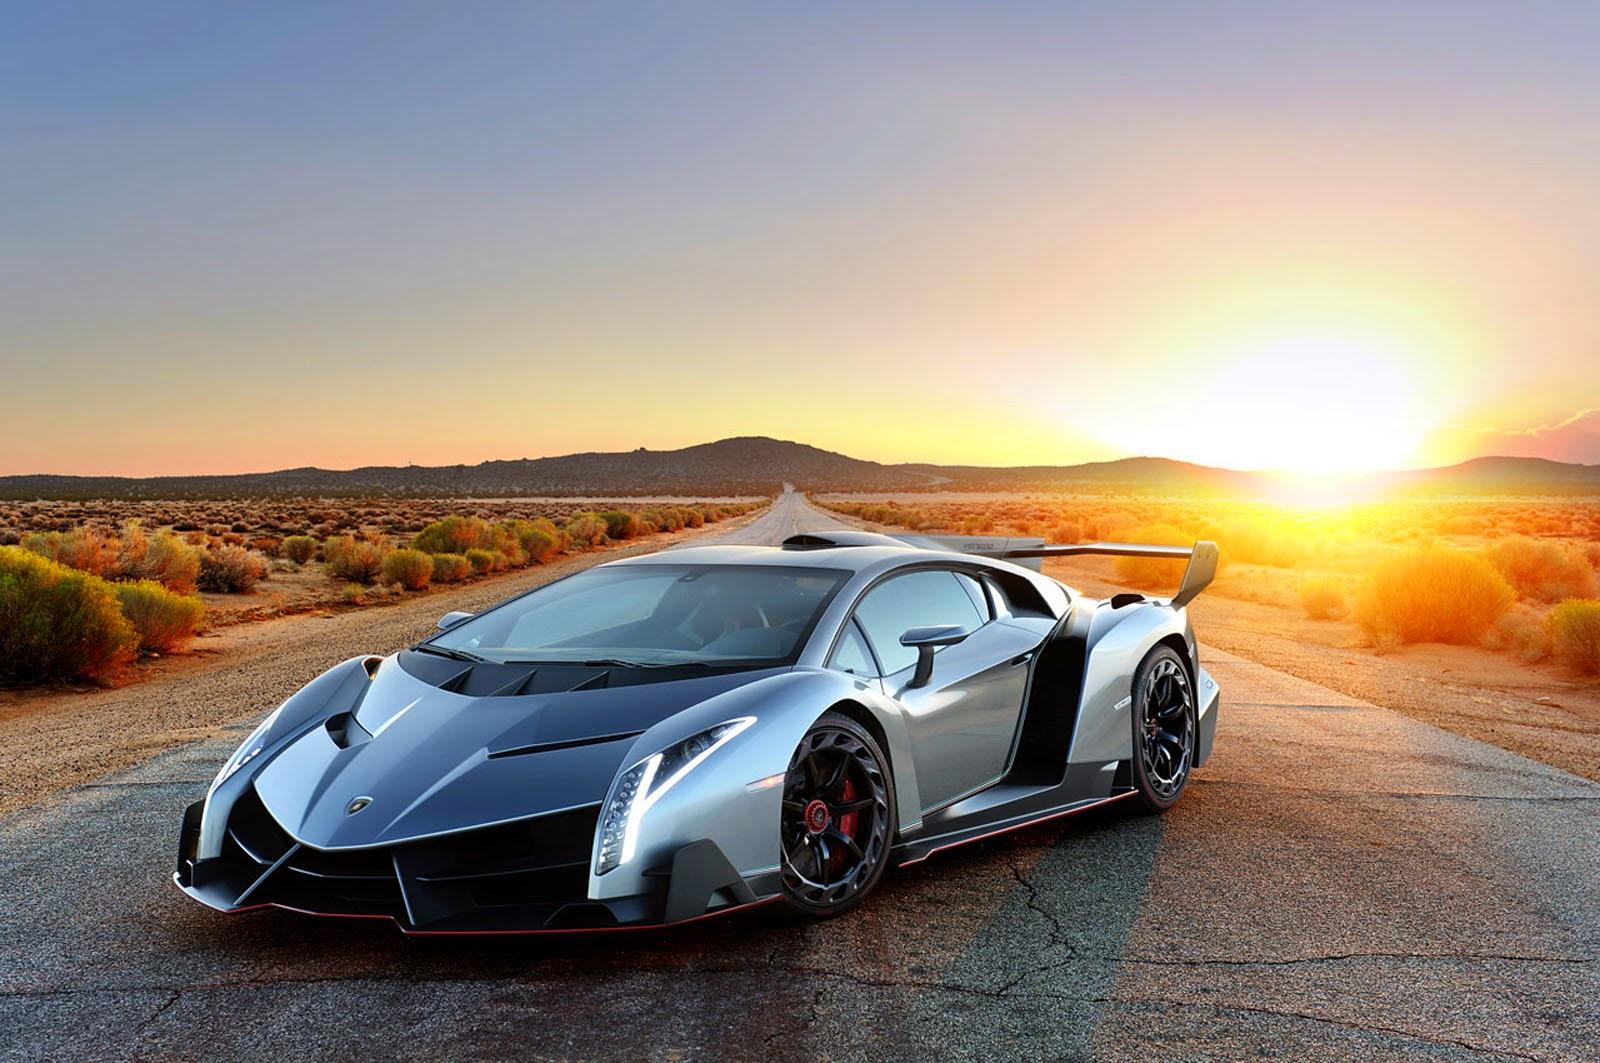 venevo Τα 10 ακριβότερα αυτοκίνητα στον κόσμο hypercar, supercars